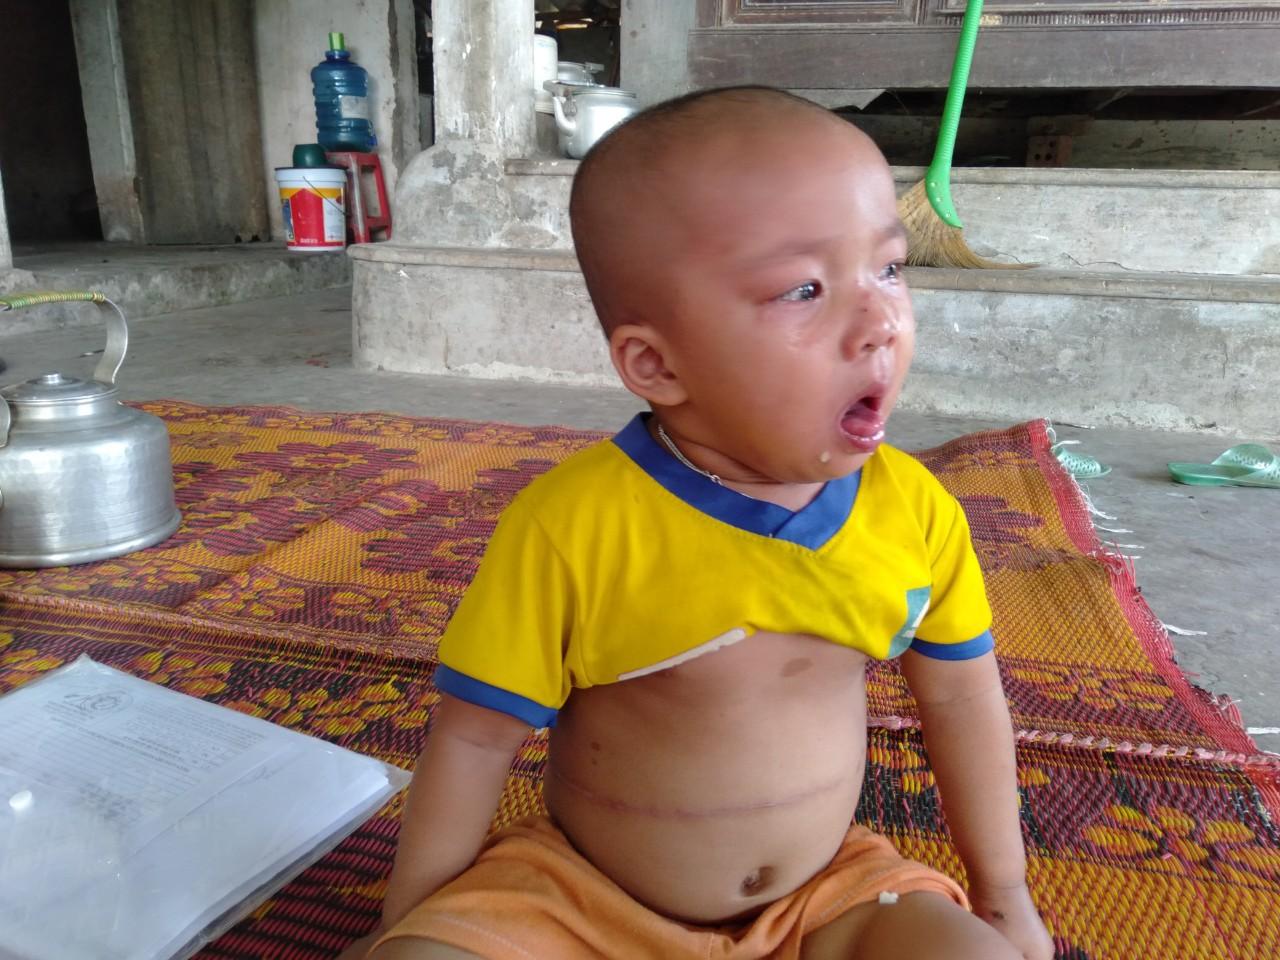 Không cam chịu con gái 3 tuổi chết mòn vì bệnh tật, vợ chồng nghèo sang Lào nhặt phế liệu kiếm tiền chữa bệnh cho con - Ảnh 10.